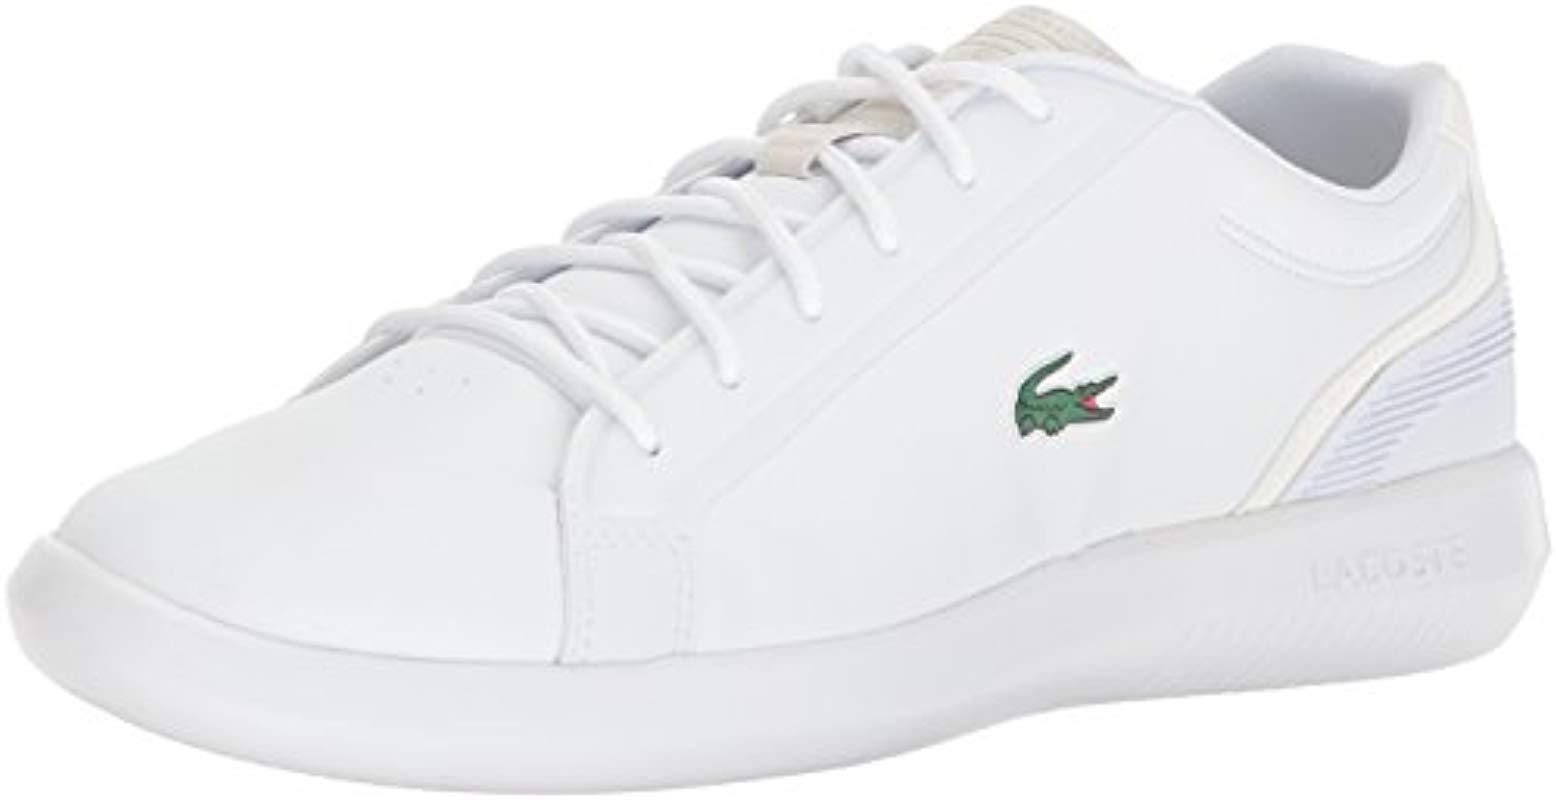 38dc732a997eee Lyst - Lacoste  s Avantor Sneakers in White for Men